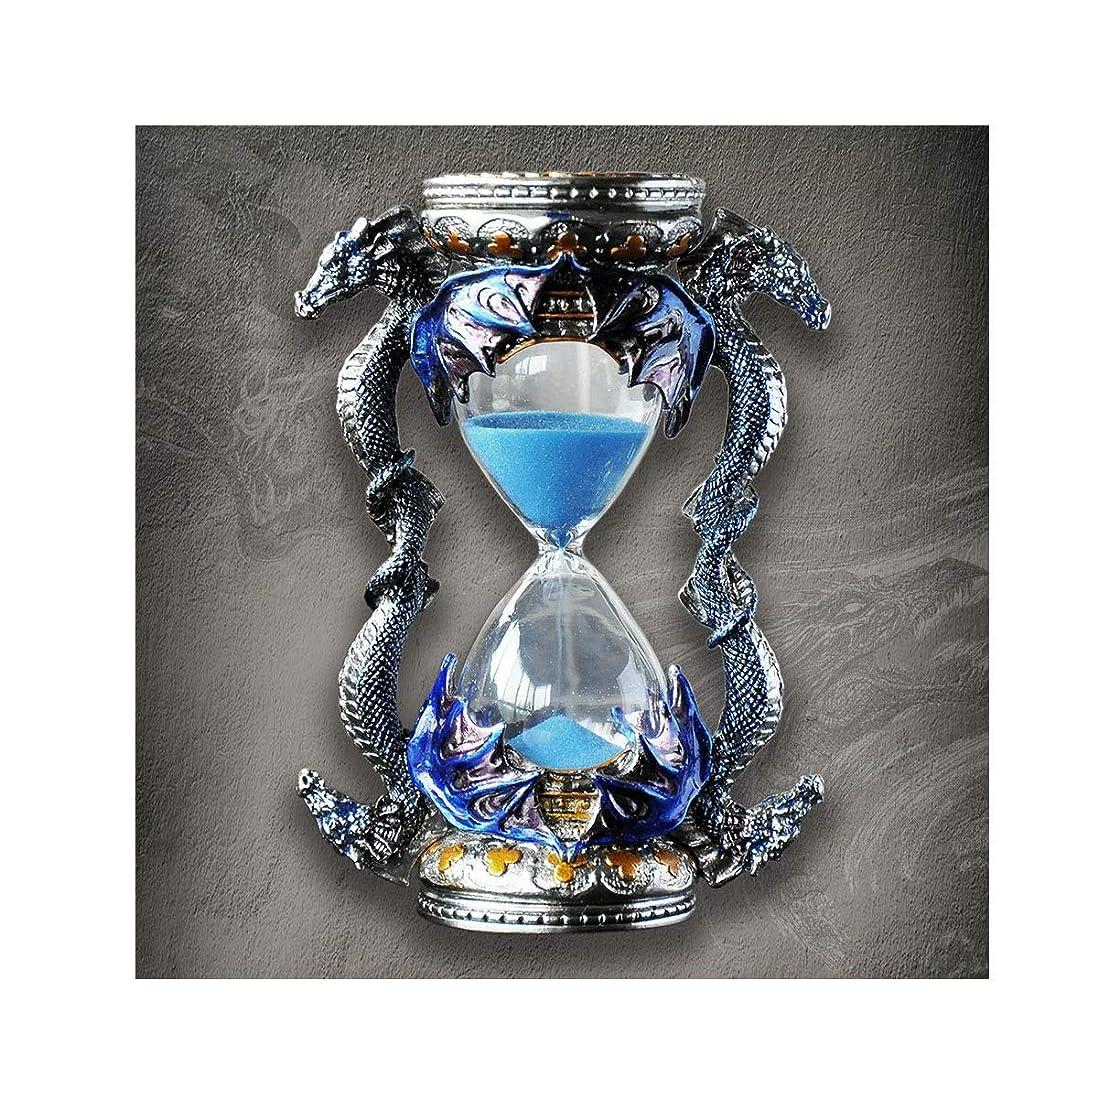 柱期待して広告するXIONGHAIZI 金属砂時計、15分タイマー、ドラゴン型クリエイティブオーナメント、ホームアクセサリー誕生日クリスマスプレゼント、すべての装飾スタイルに最適 (Color : Blue)